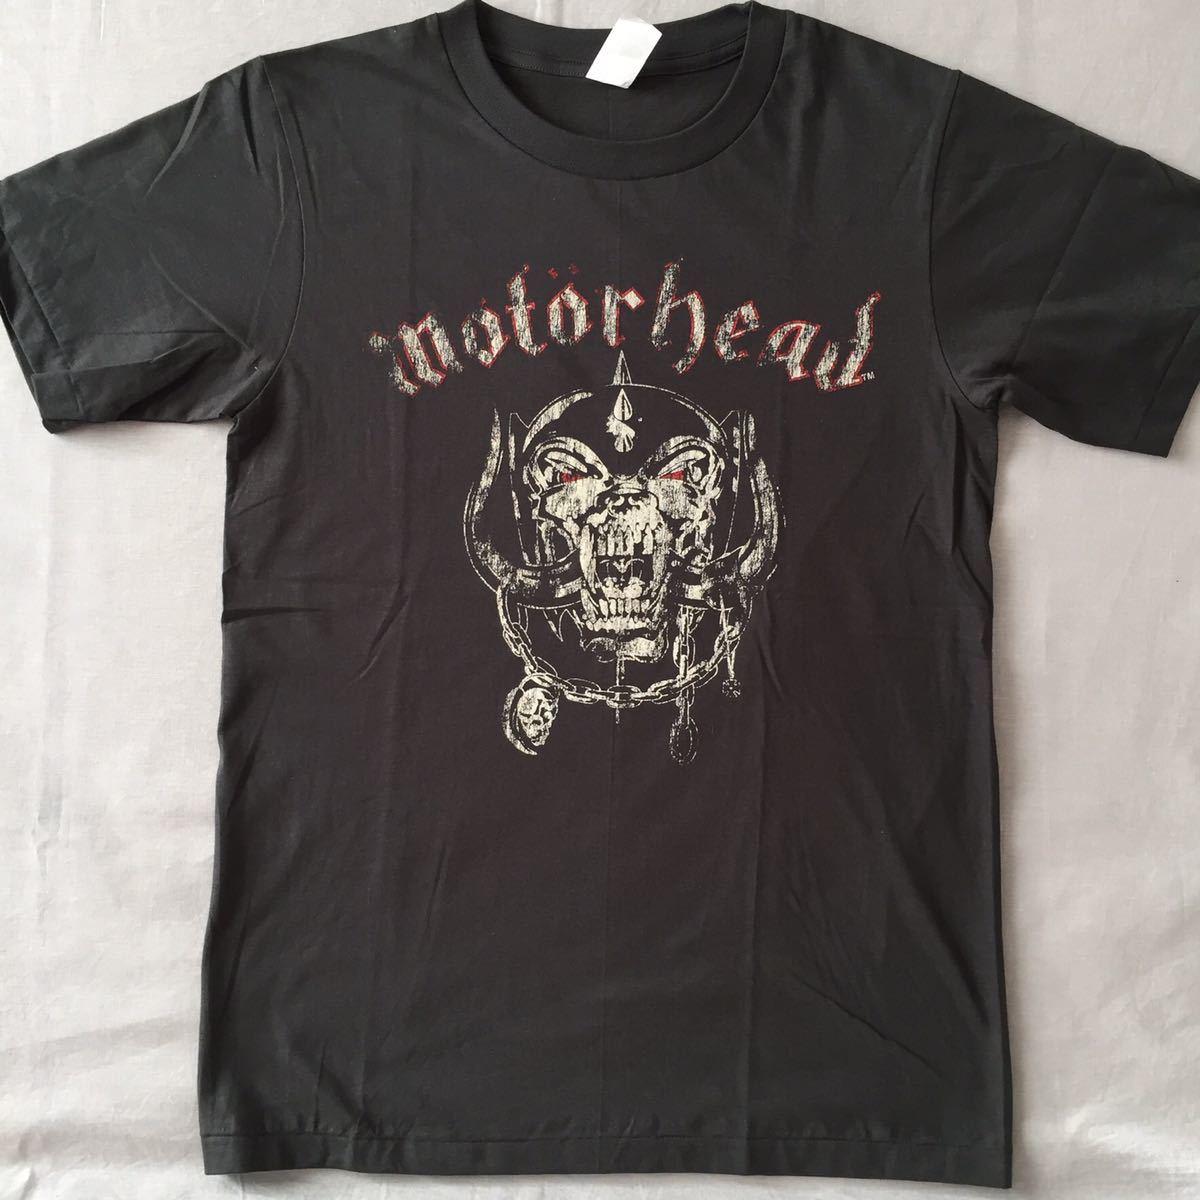 バンドTシャツ    モーターヘッド (Motor Head) 新品M_画像1